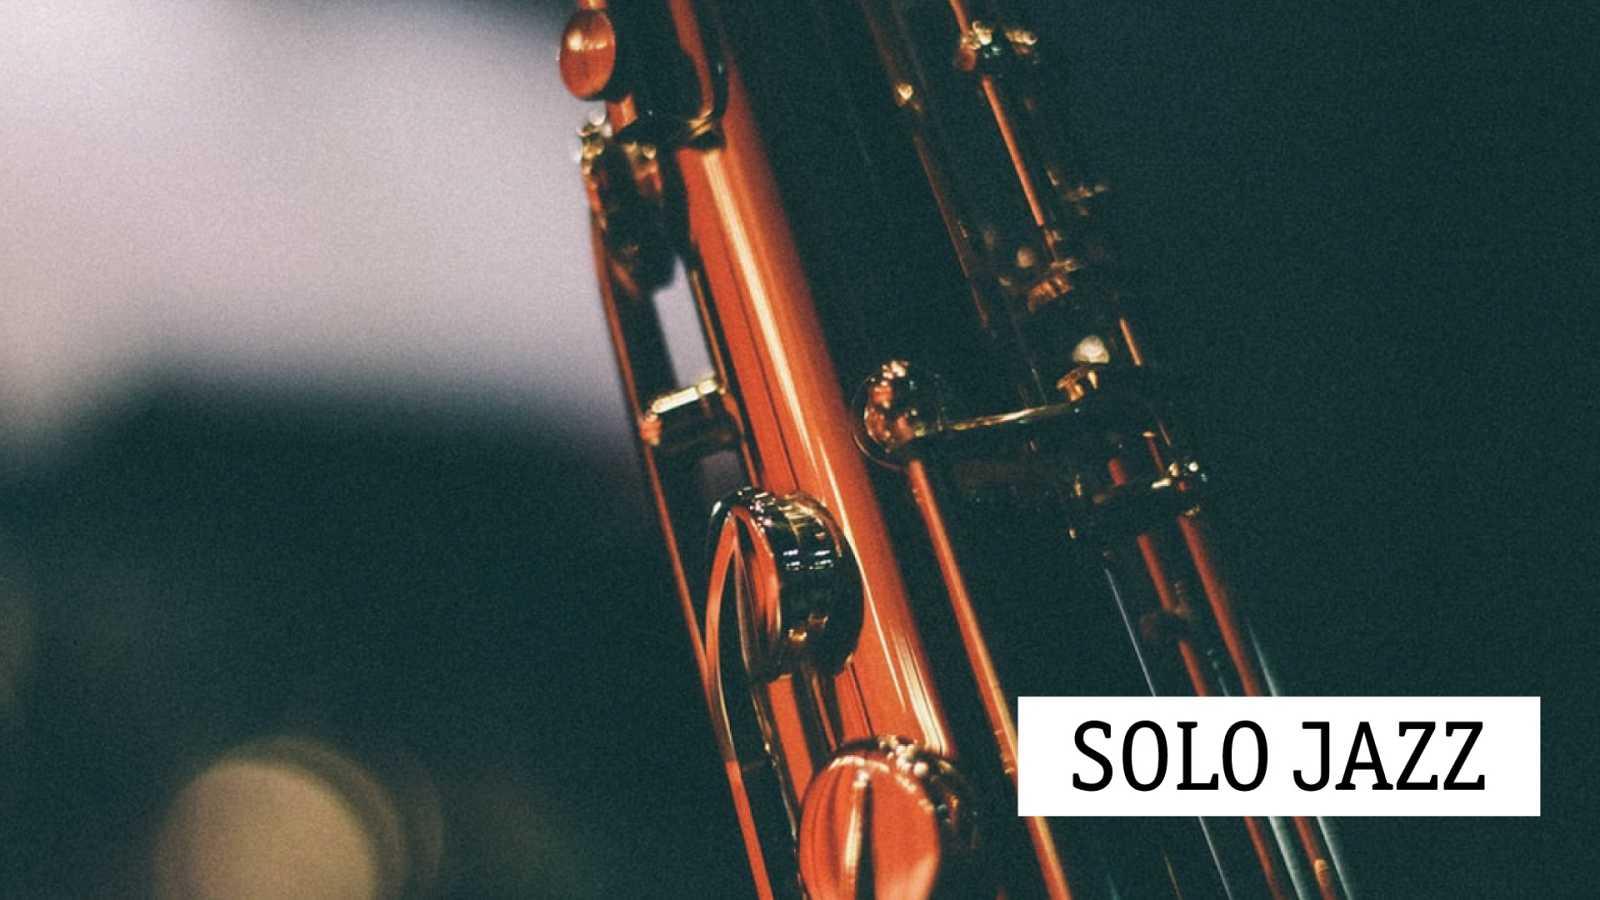 Solo jazz - Cualquier momento es bueno para hablar de Grant Green - 09/04/21 - escuchar ahora